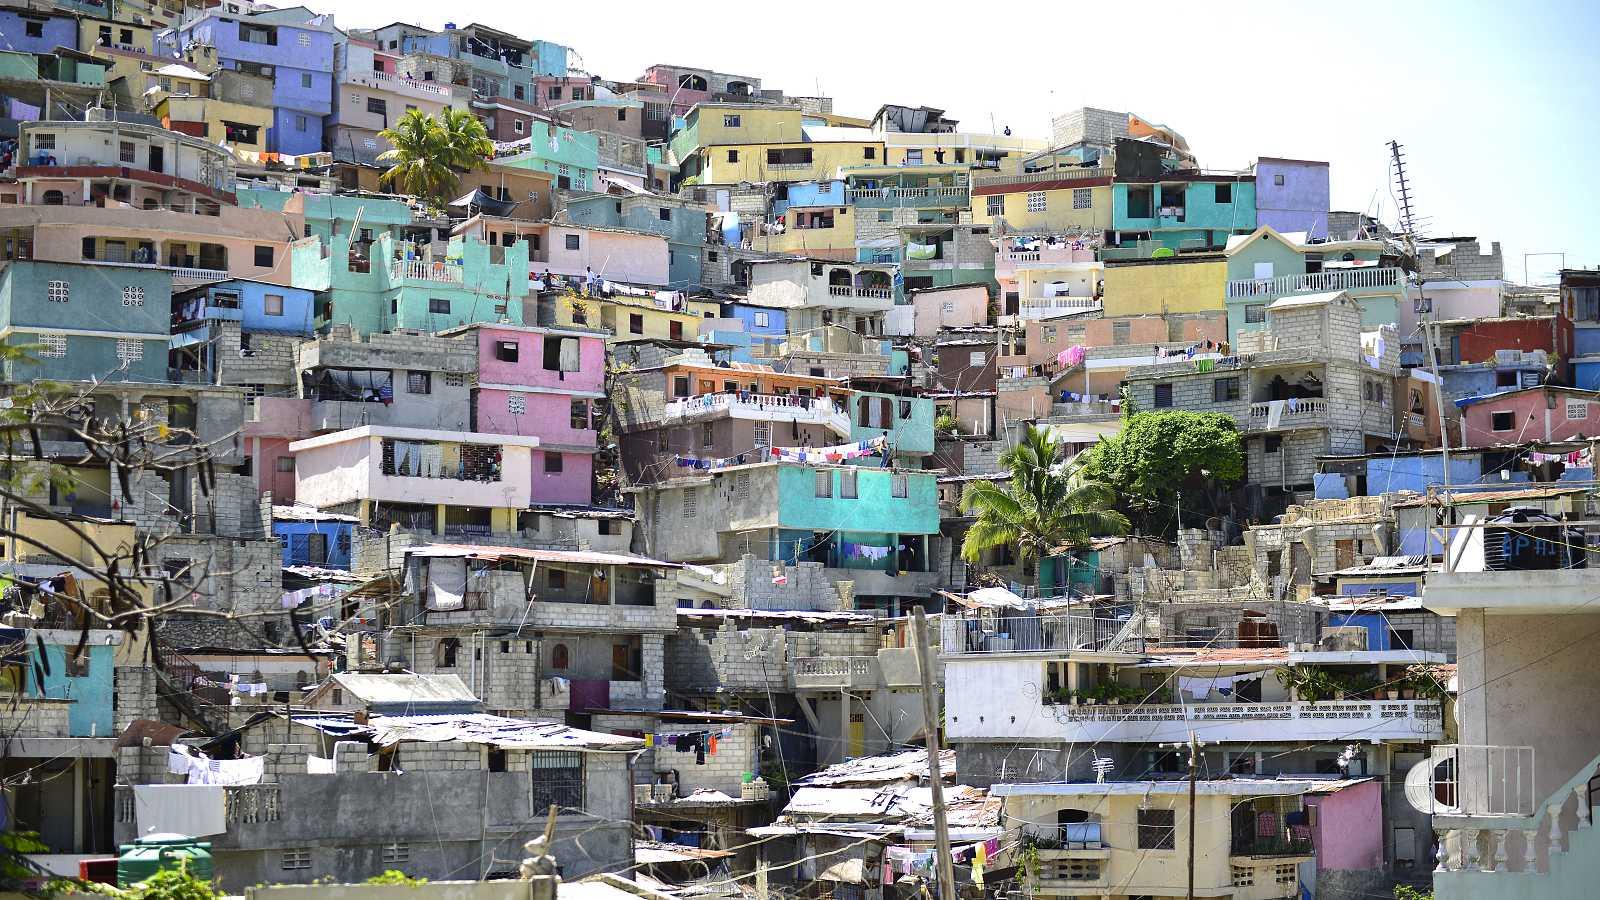 Casas apiladas en Puerto Príncipe, Haití